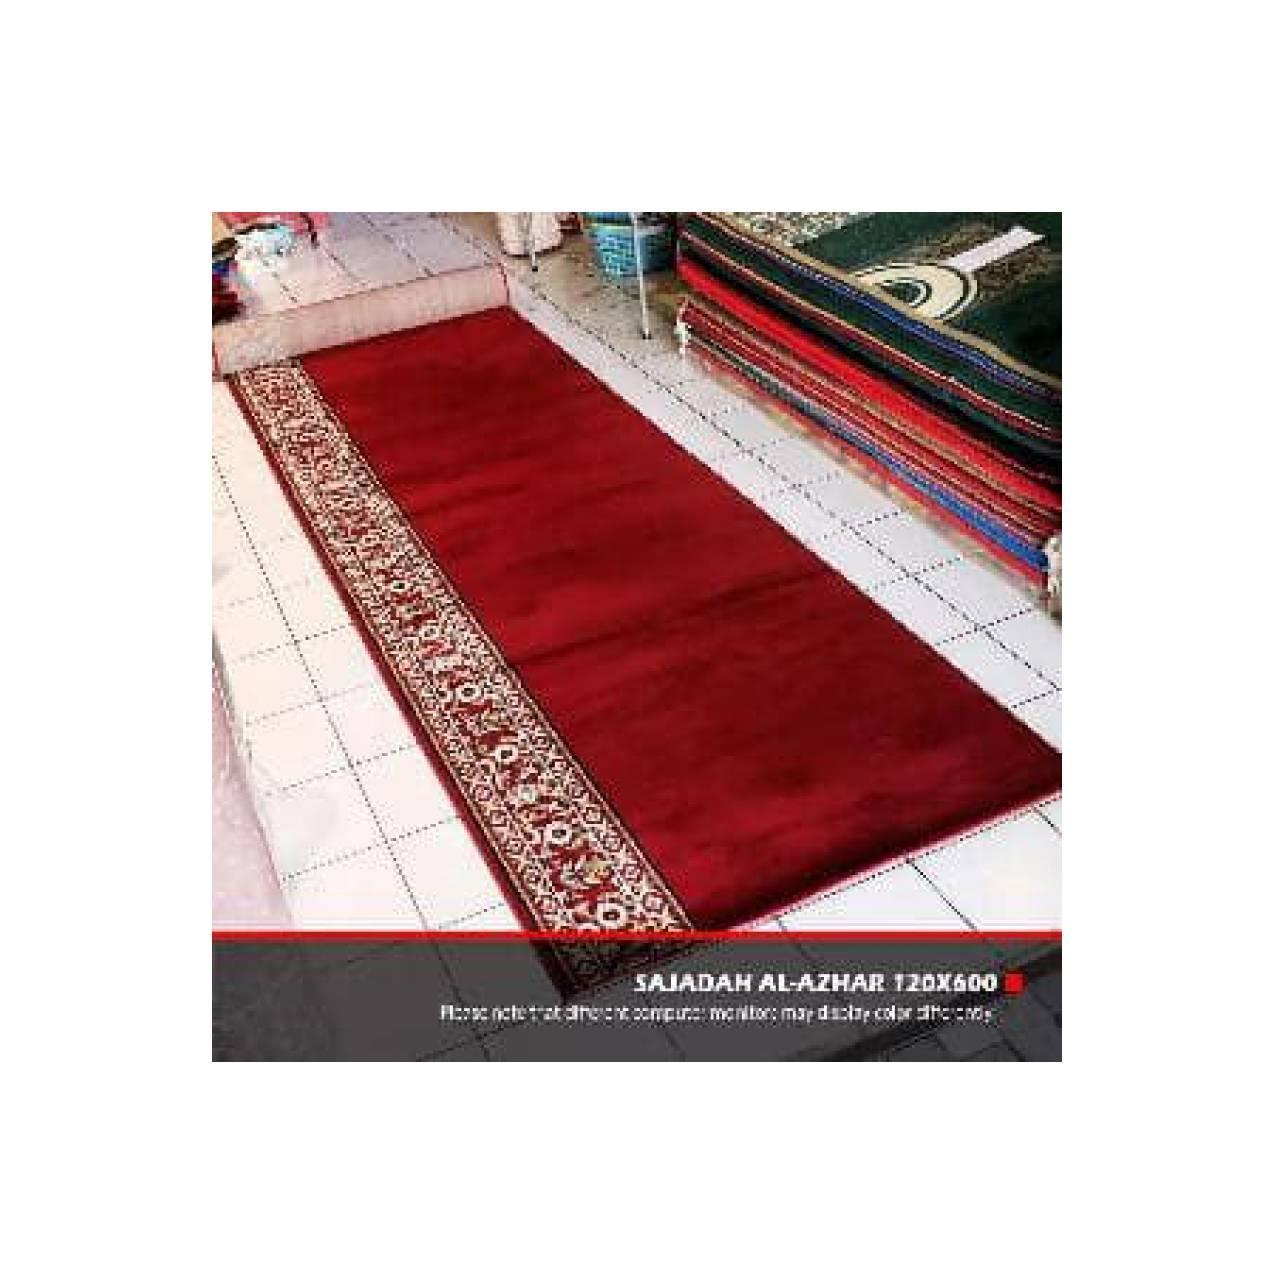 Sajadah Al Azhar Warna Merah Bahan Wool Kualitas Import Cocok Untuk